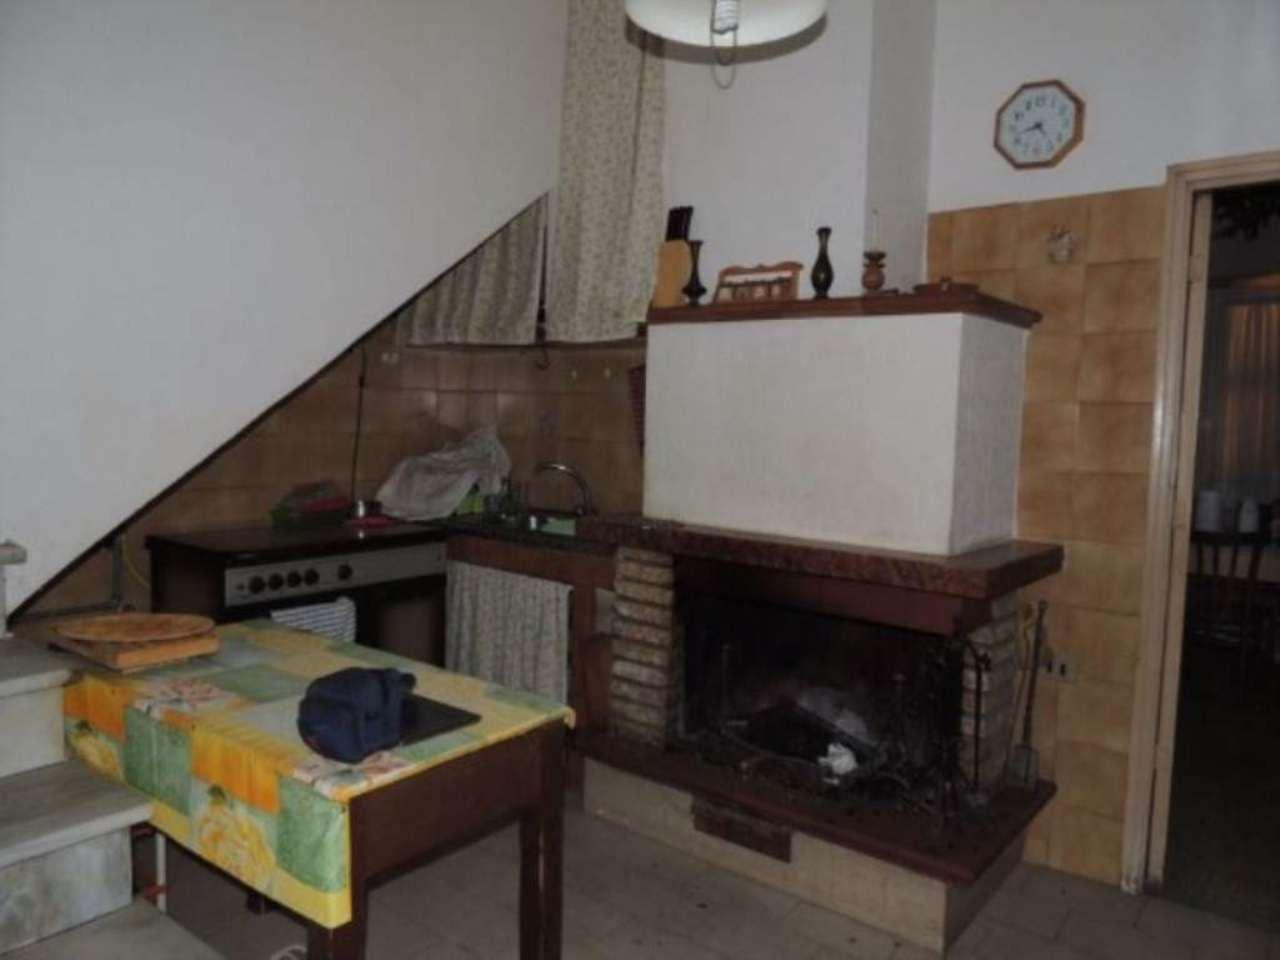 Soluzione Indipendente in vendita a Montopoli di Sabina, 4 locali, prezzo € 65.000 | CambioCasa.it